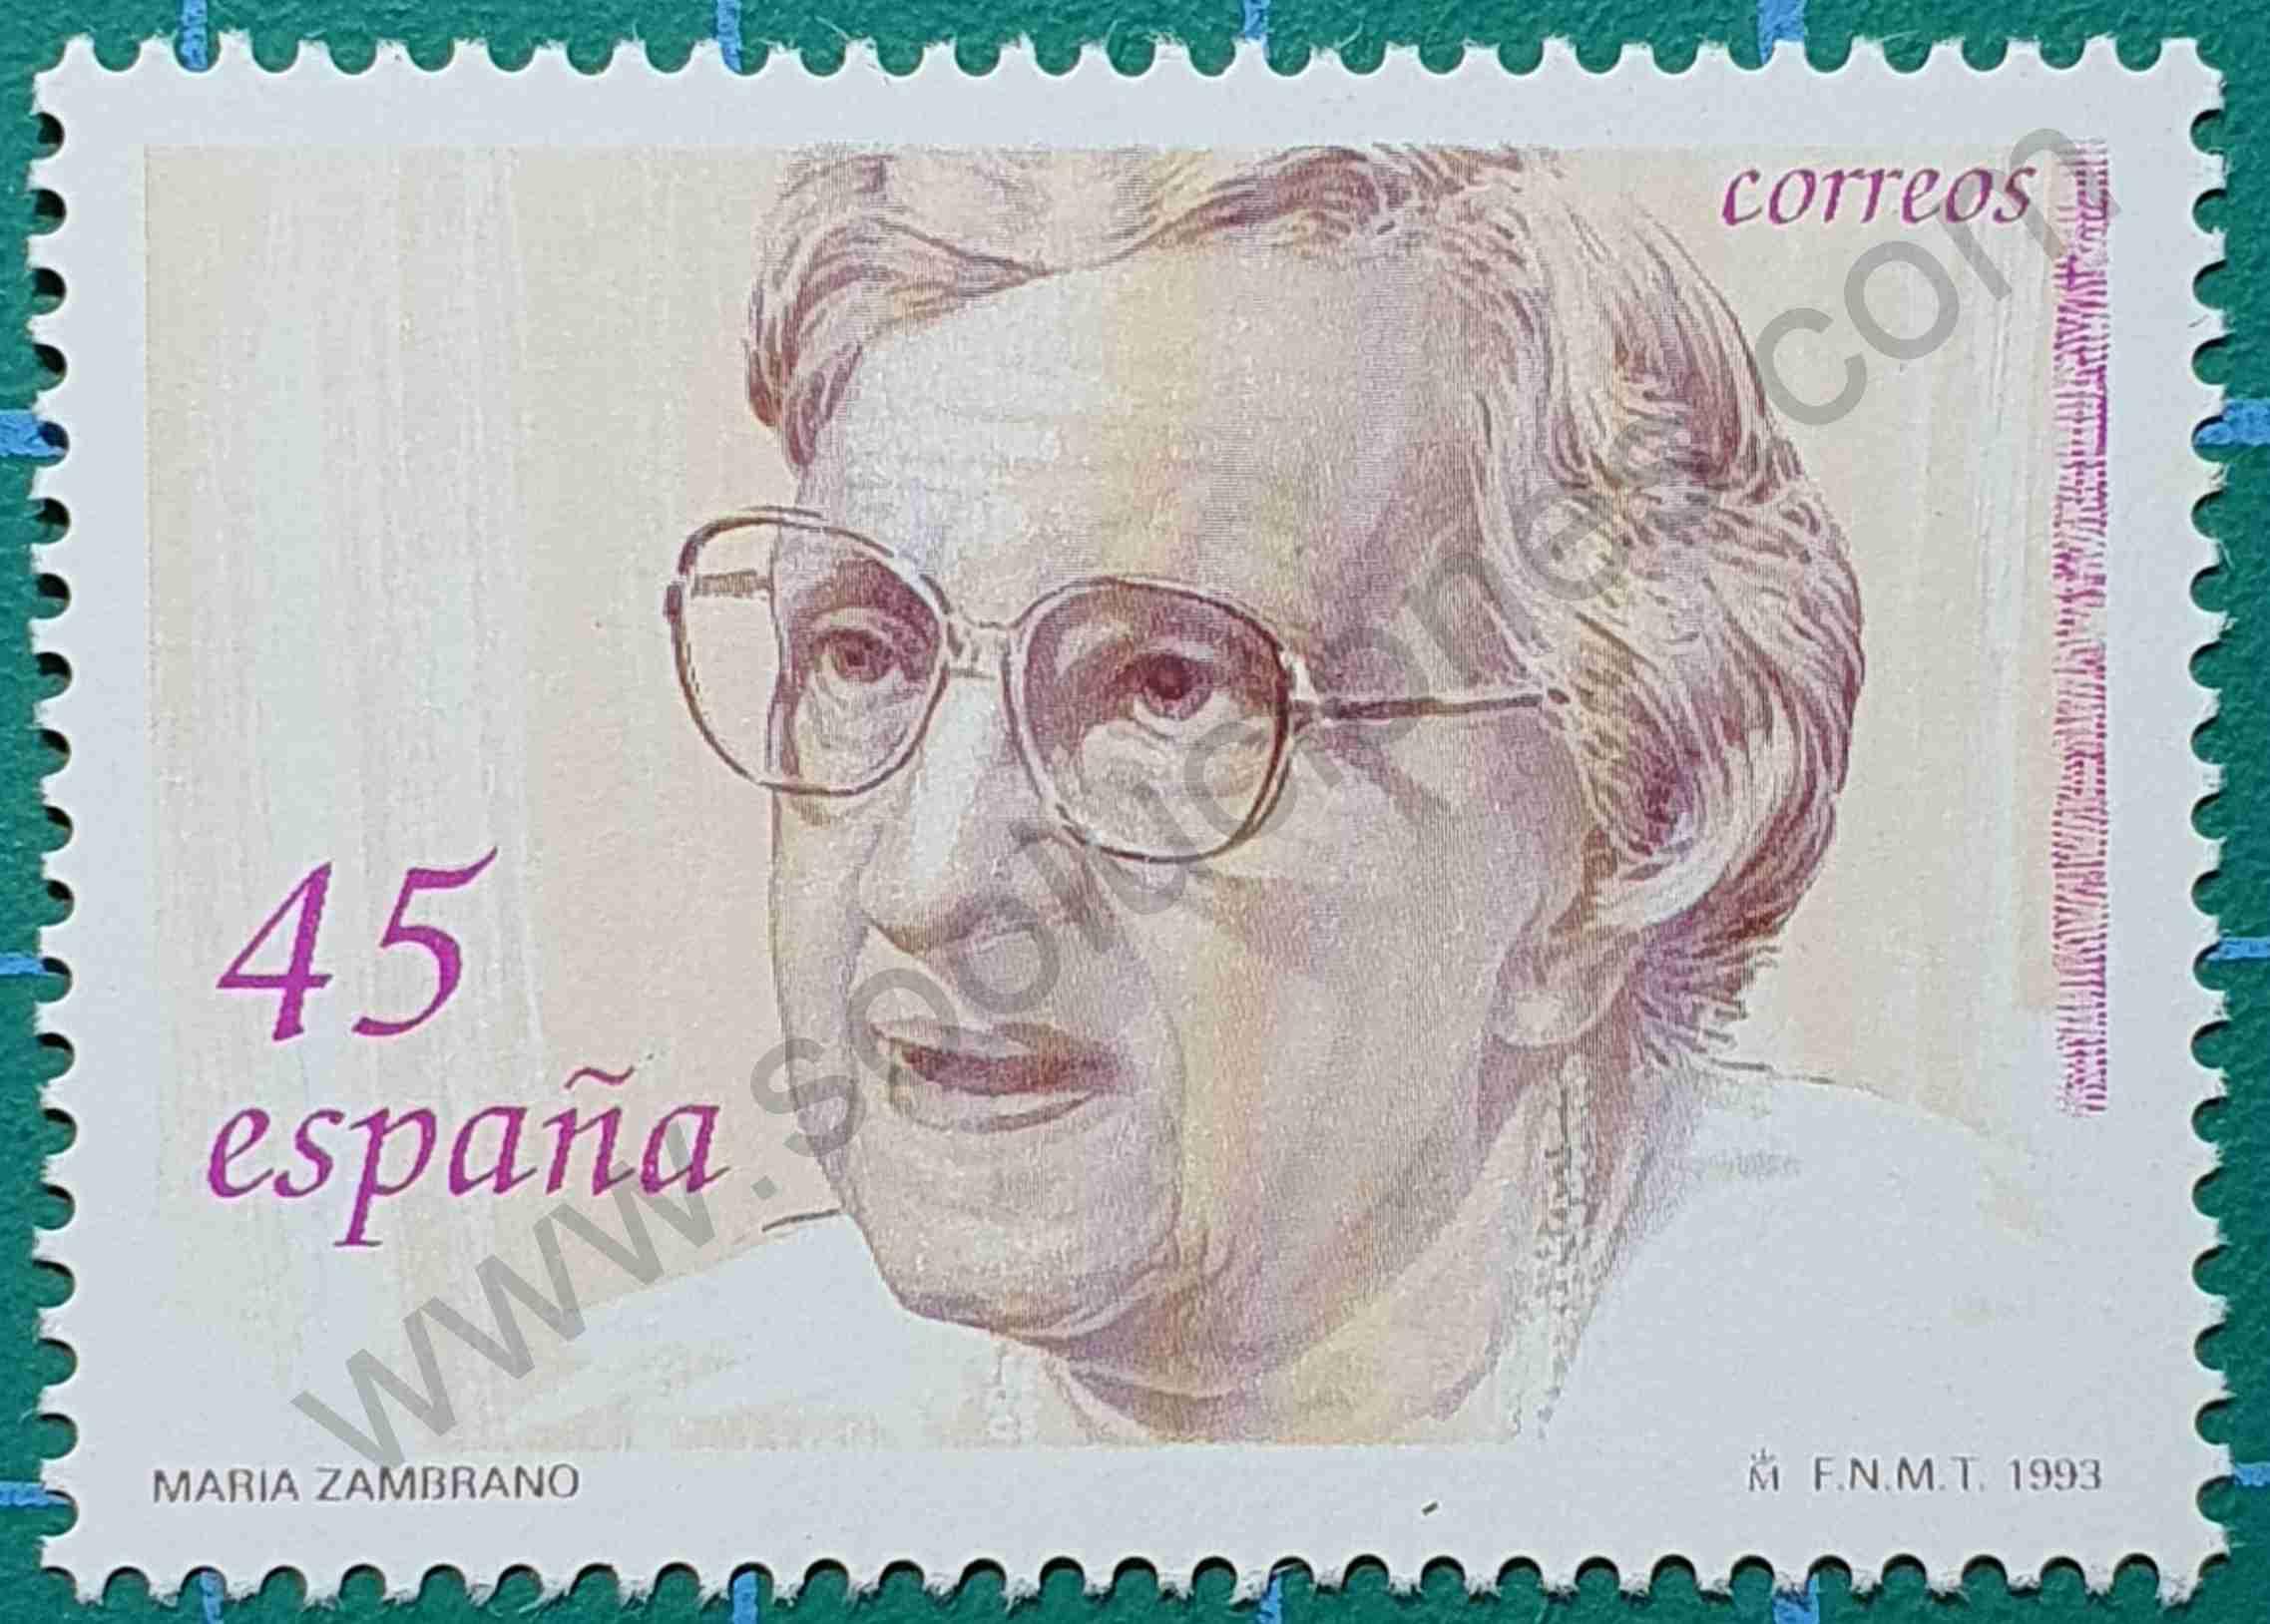 María Zambrano - Sello España 1993